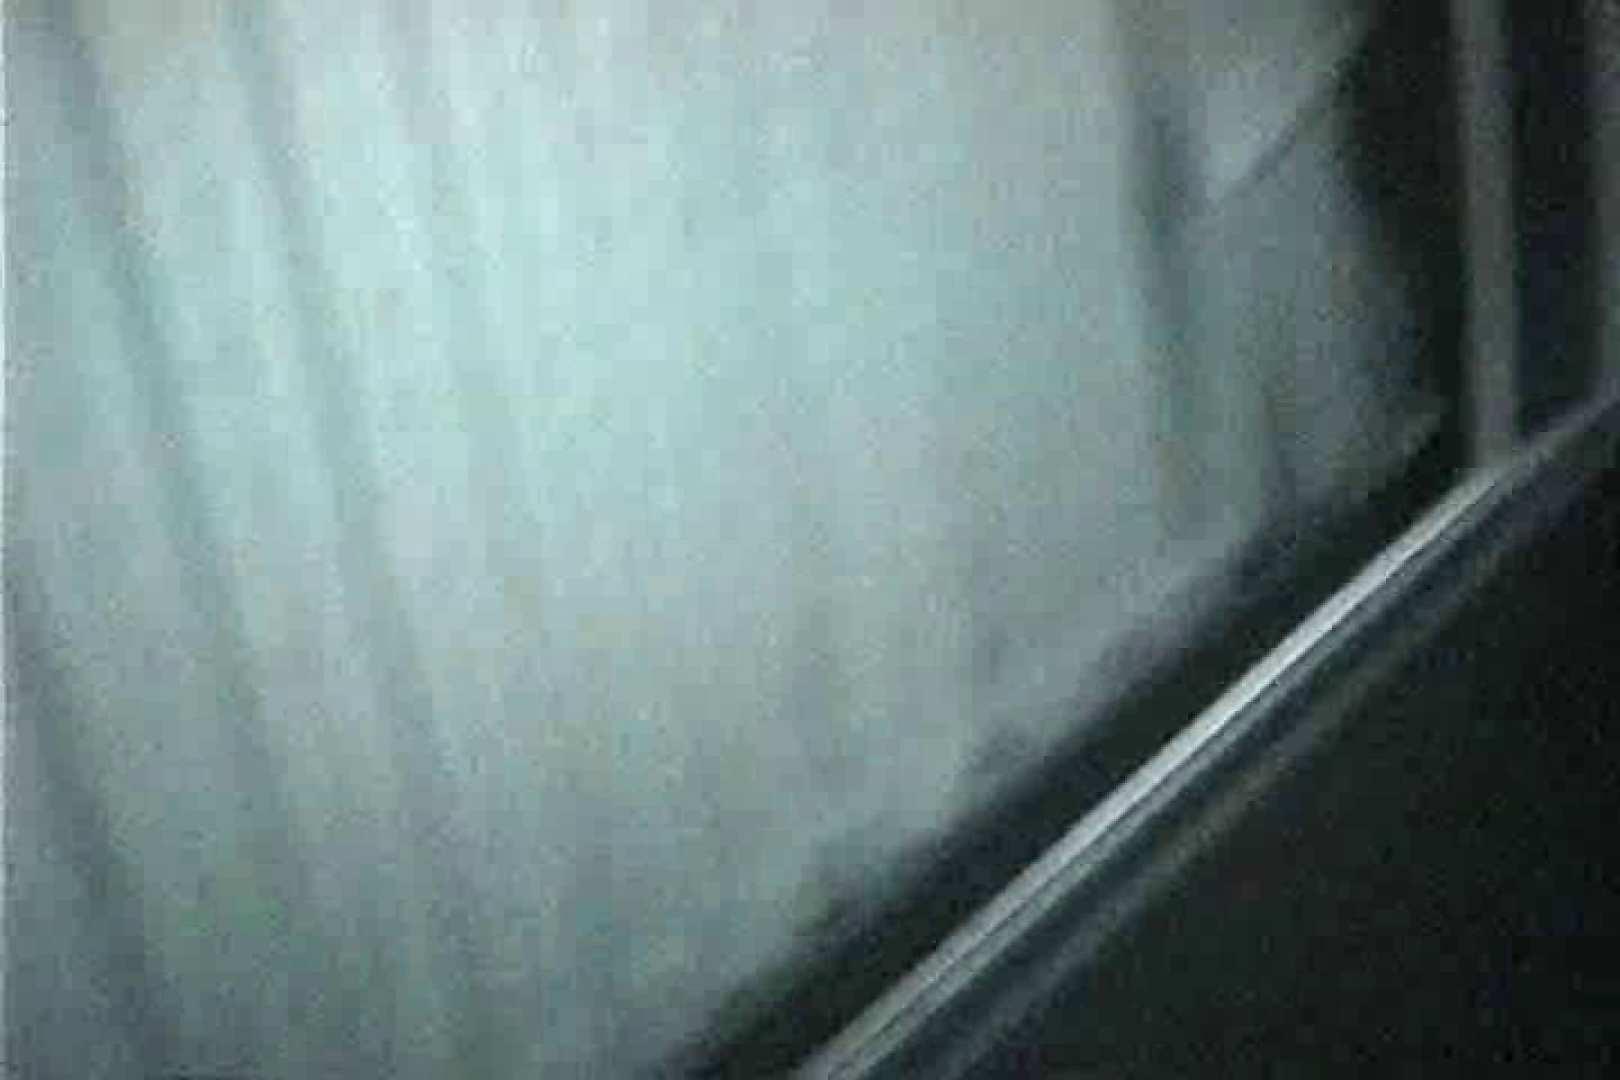 充血監督の深夜の運動会Vol.28 ラブホテル | マンコ  56画像 45